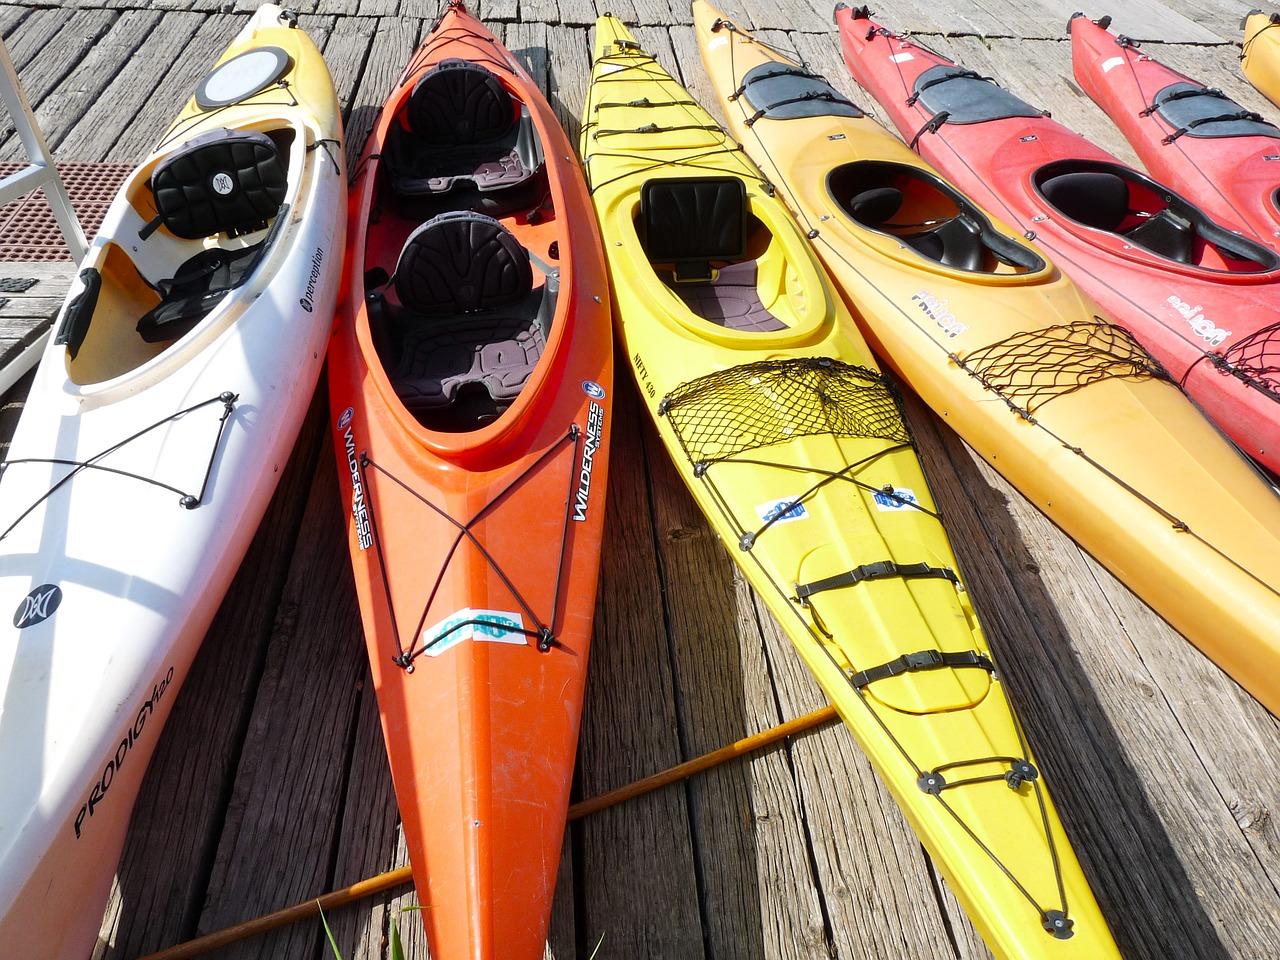 kayaks-908859_1280